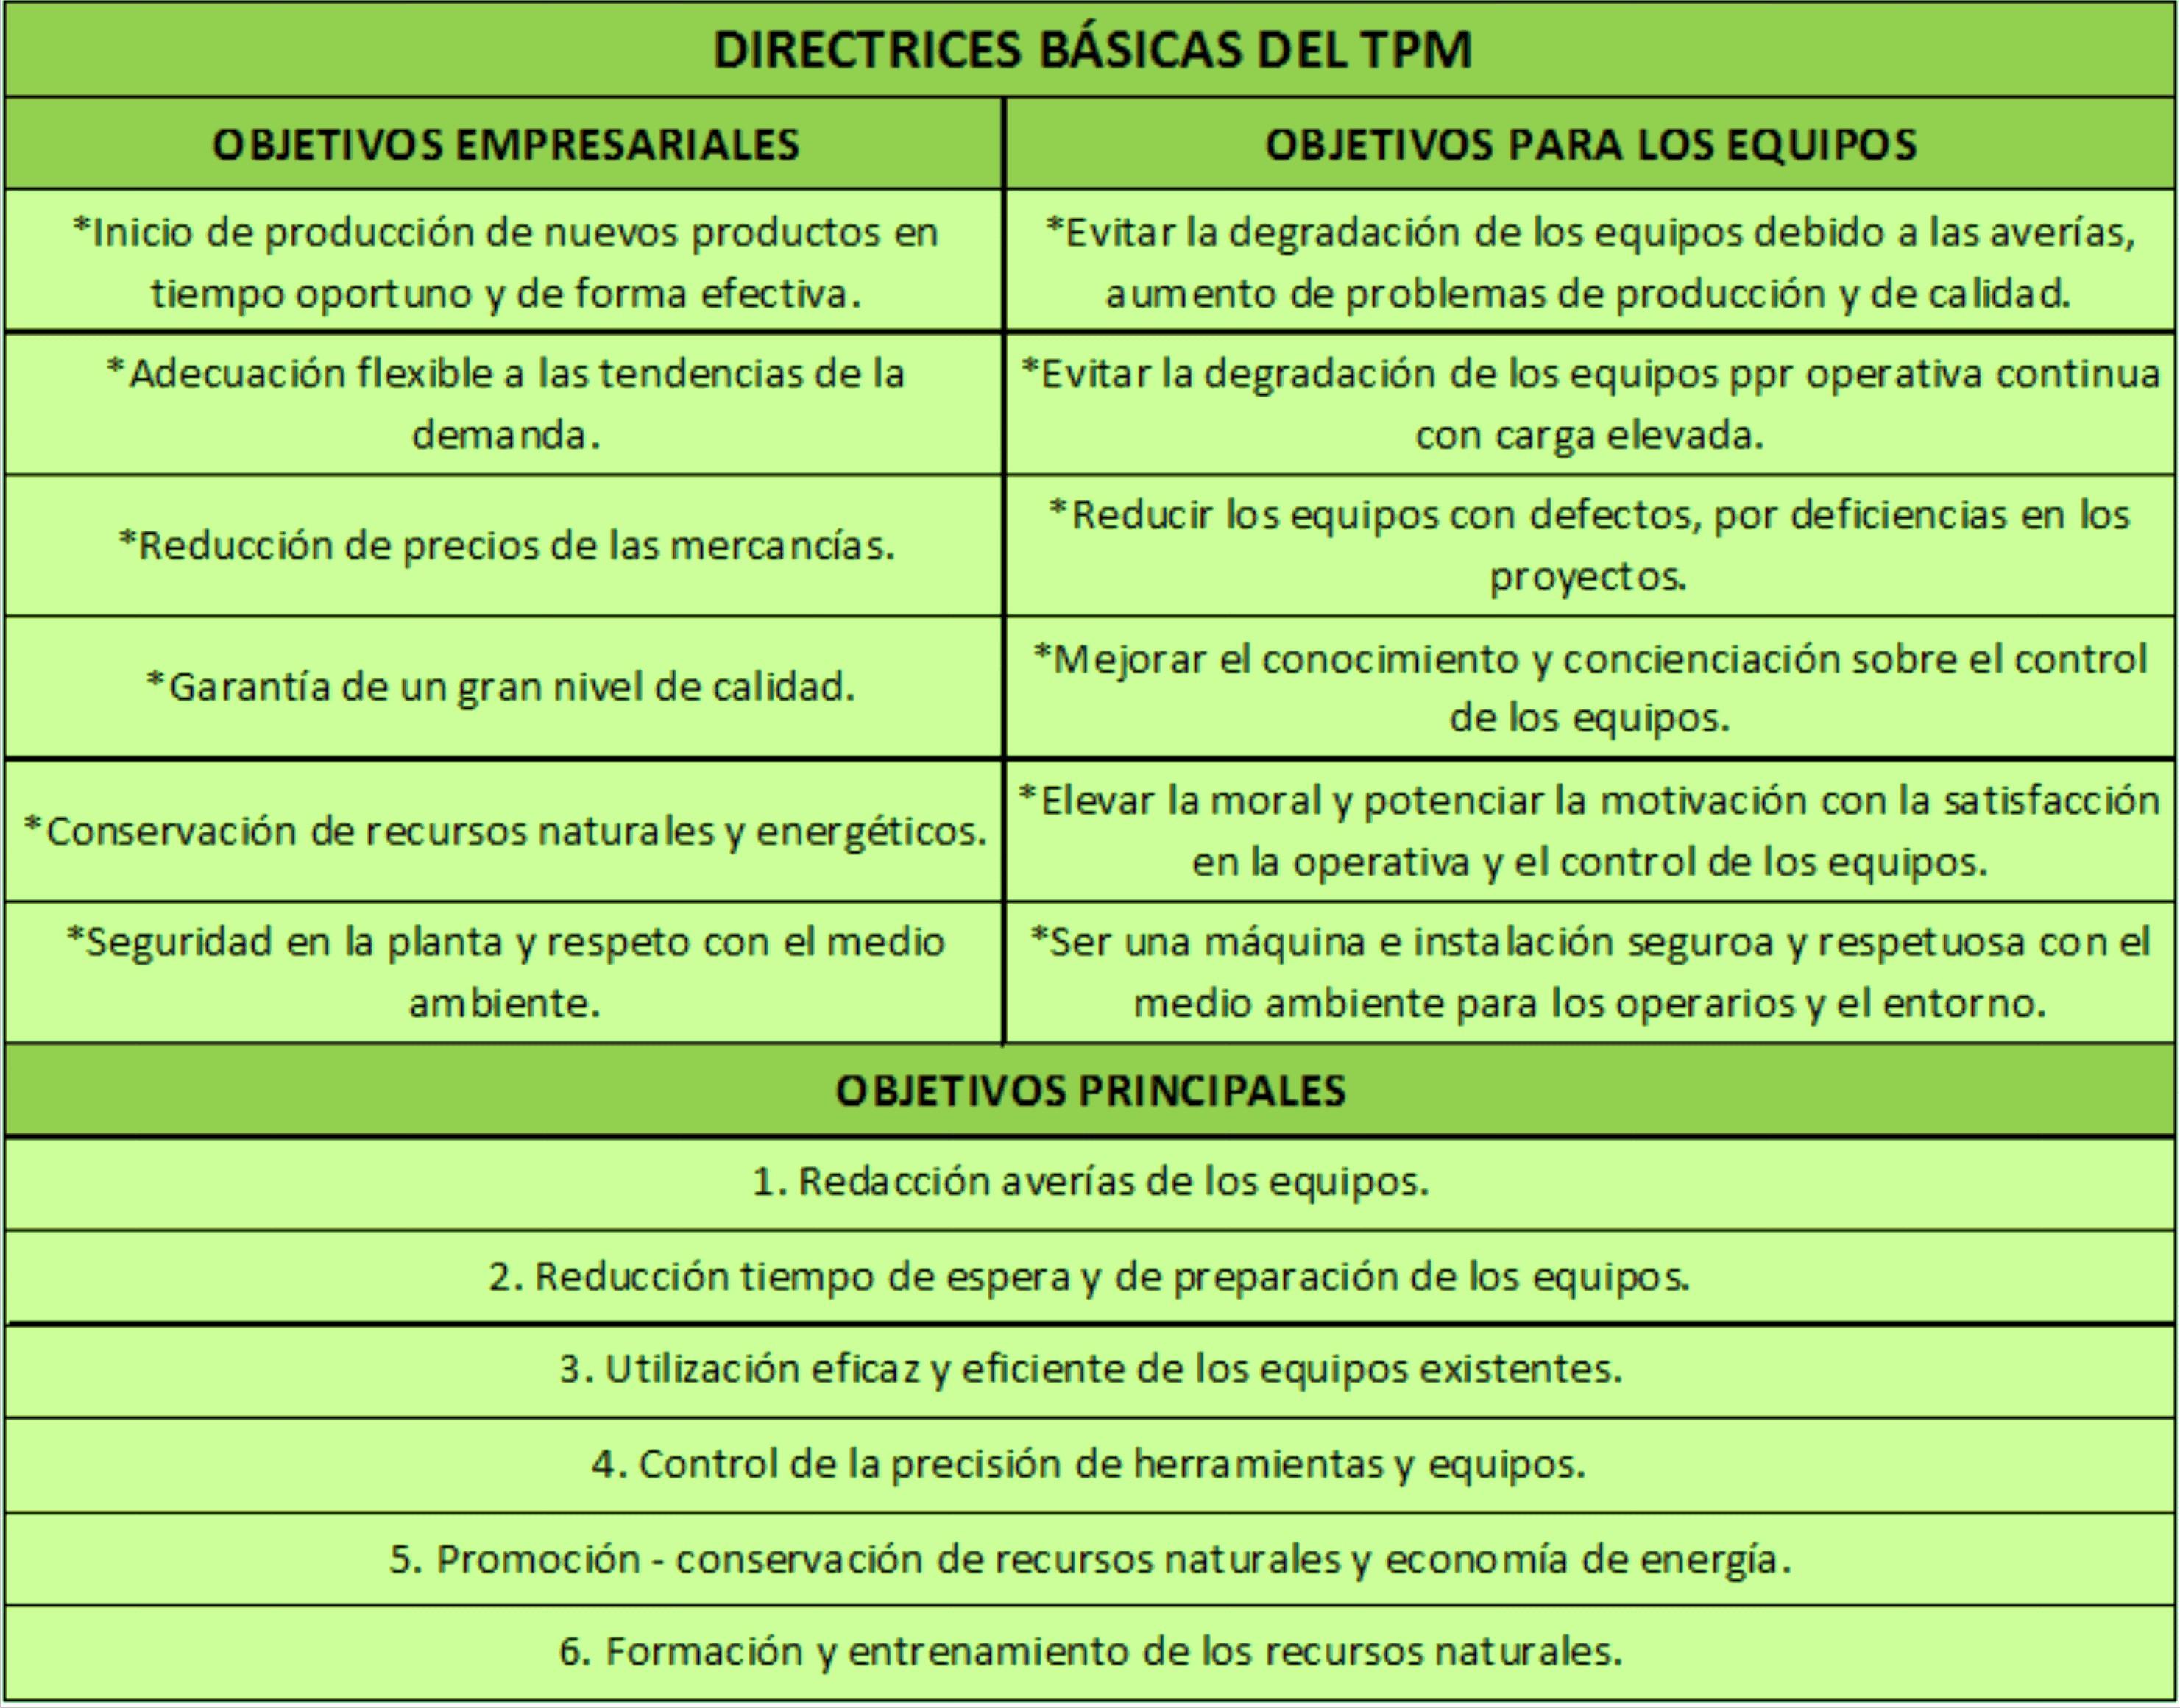 El Mantenimiento en la Industria. TPM. Objetivos. | Sabina\'s Blog